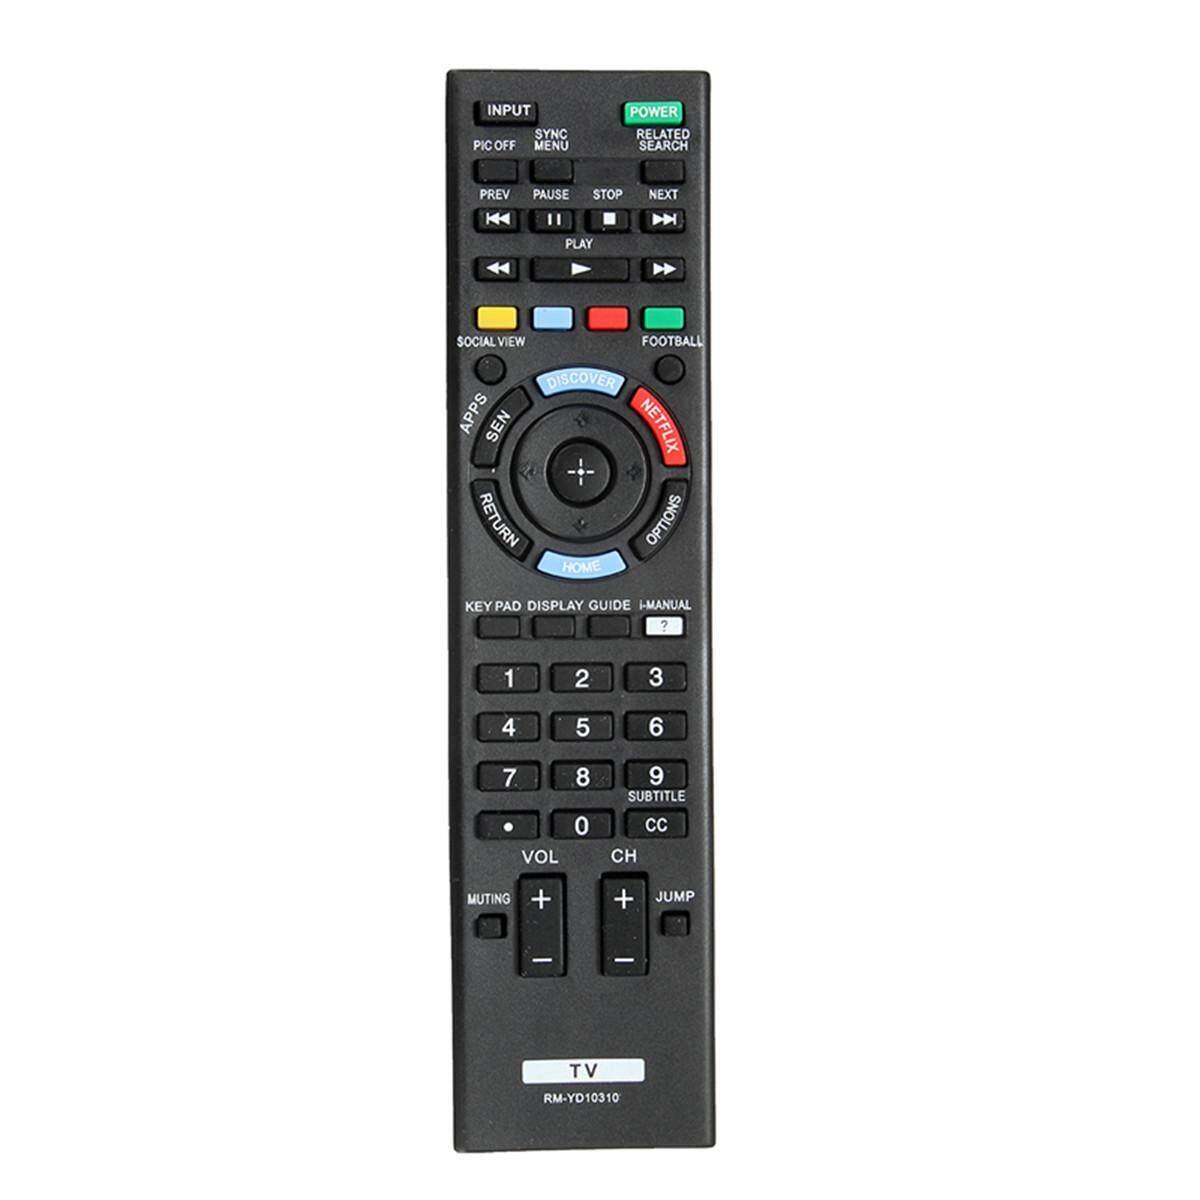 MÀN HÌNH LCD LED HDTV TV Điều Khiển từ xa RM-YD103 KDL--32W700B KDL--40W590B